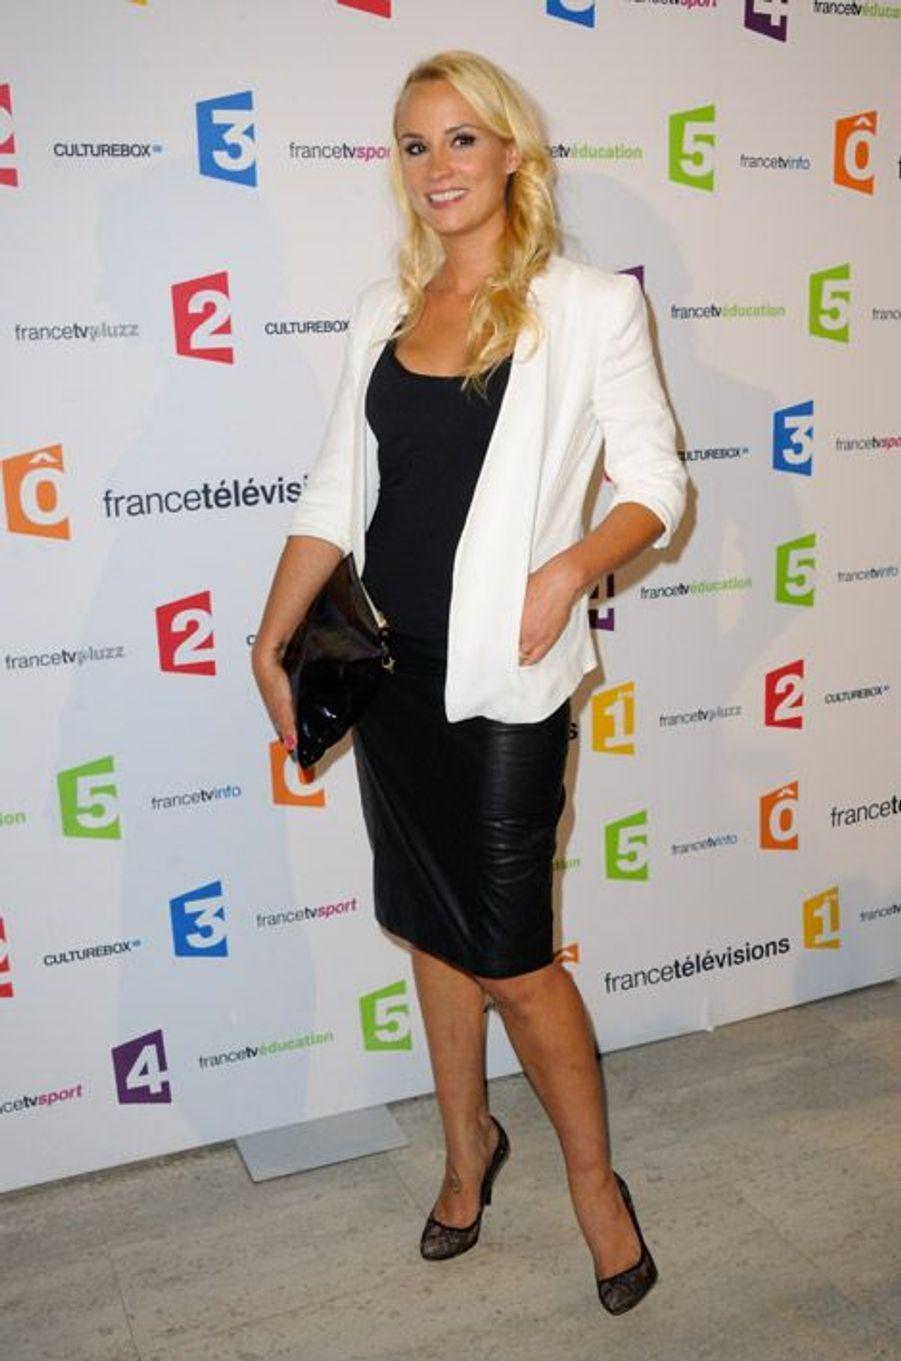 L'ex-Miss France lors de la conférence de rentrée de France Télévisions à Paris, le 26 août 2014